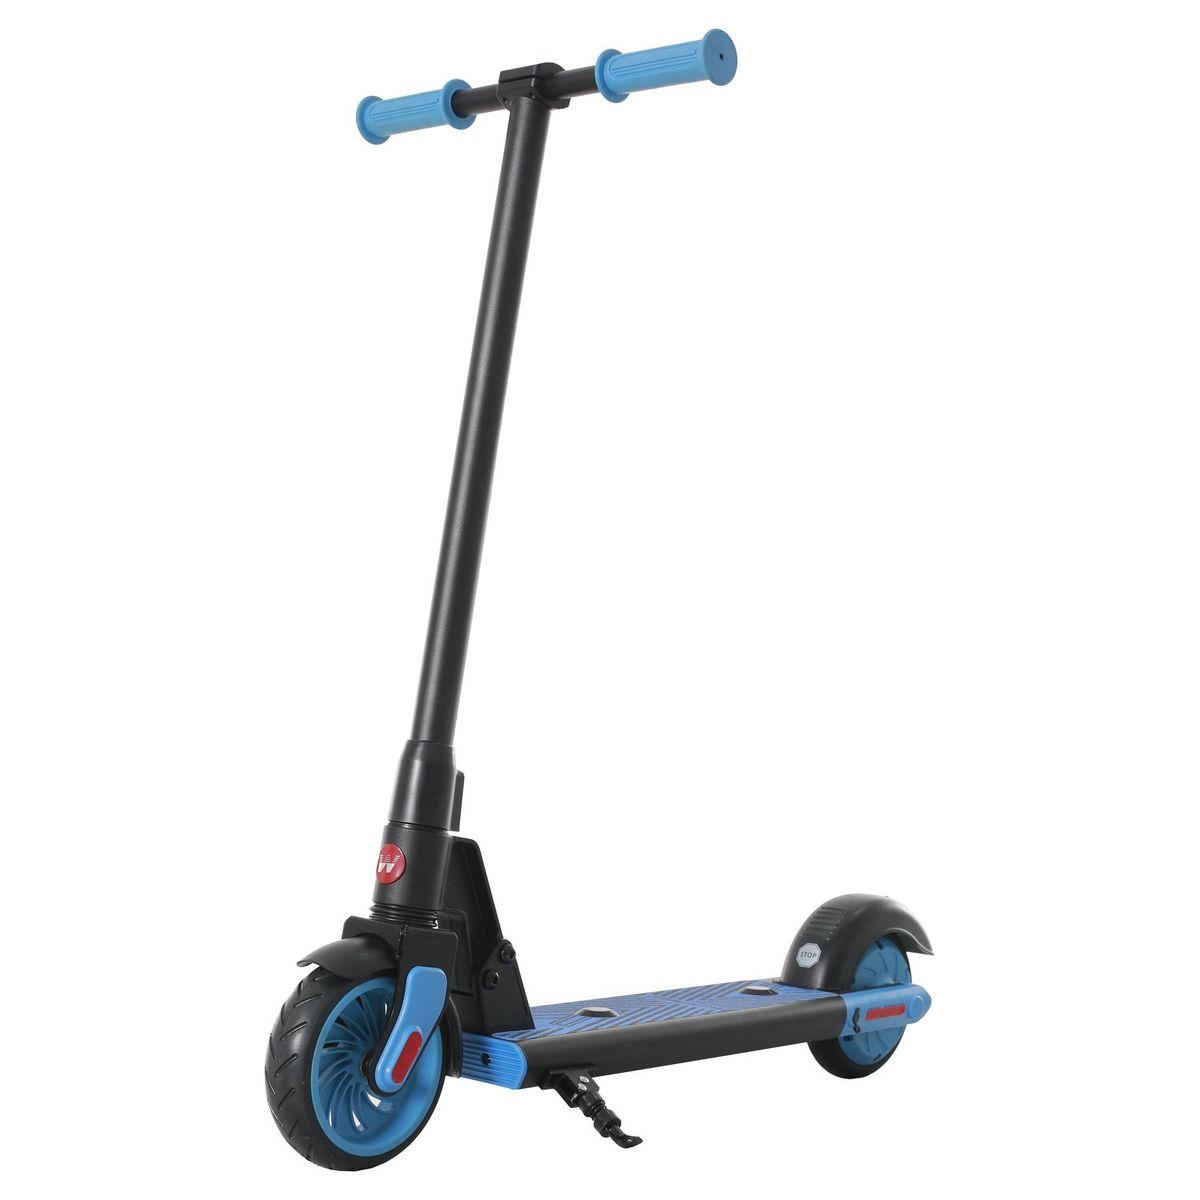 Trottinette électrique T650 Kids - Bleu